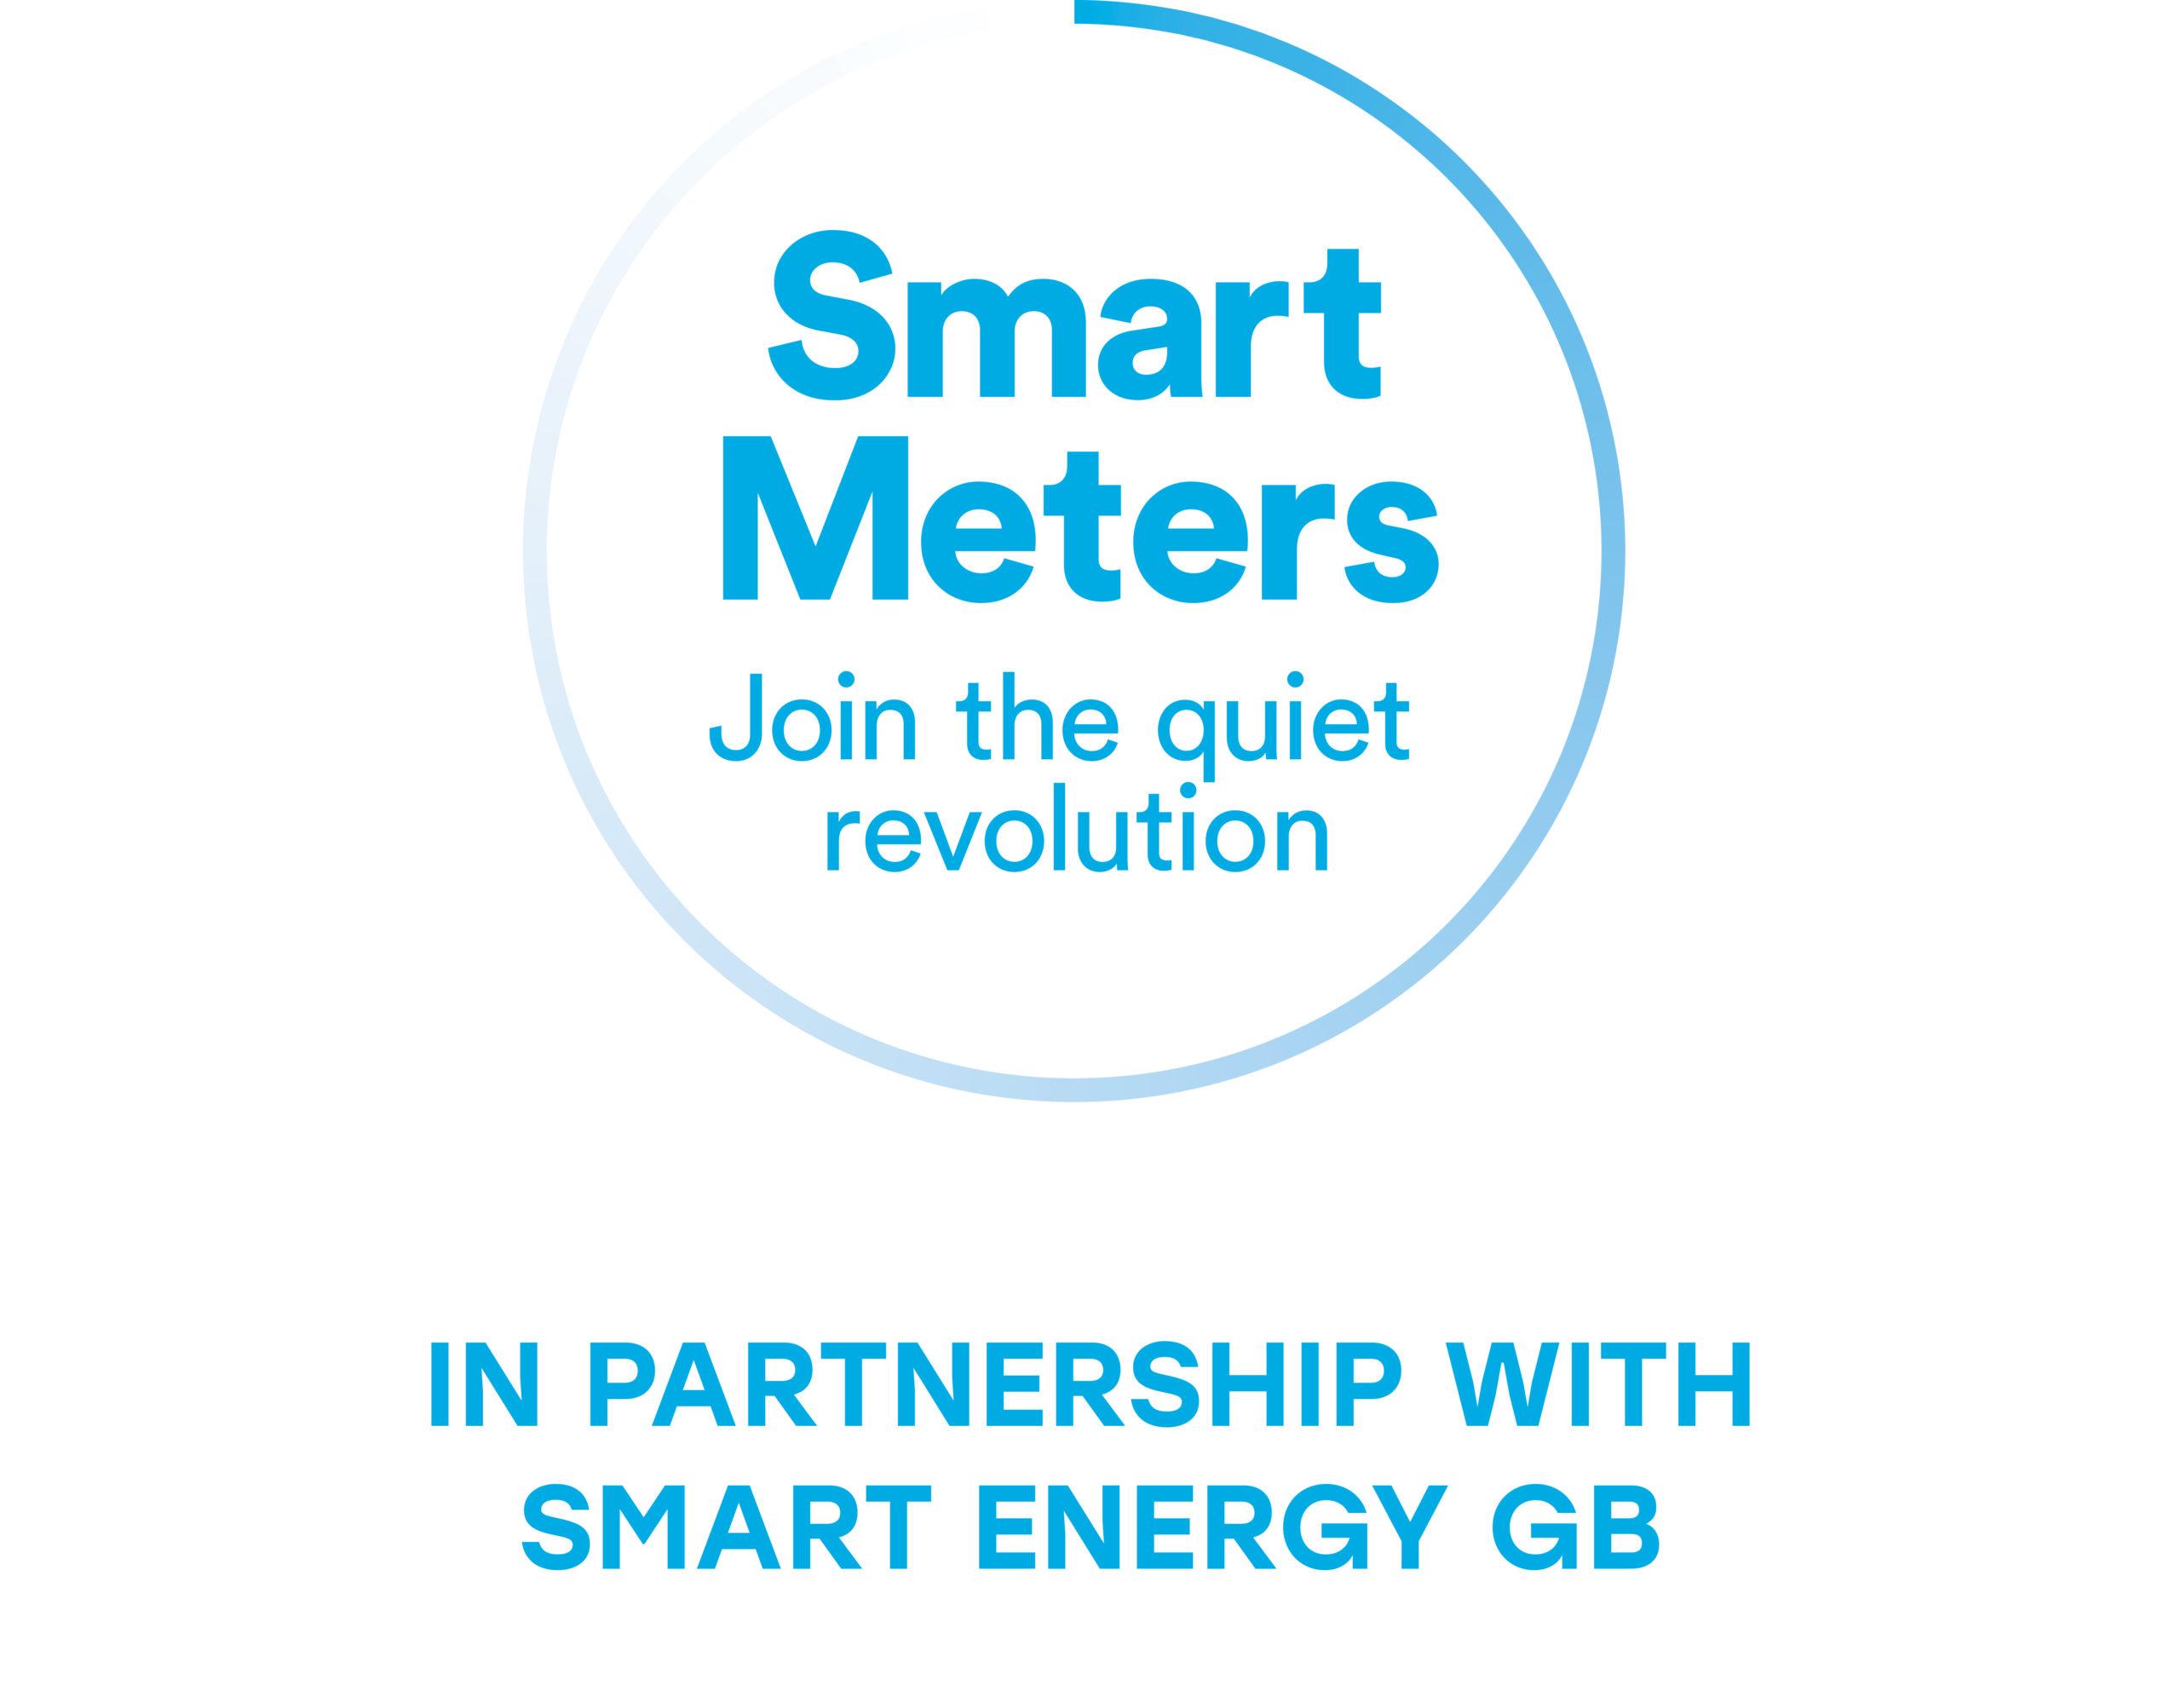 Smart Energy GB